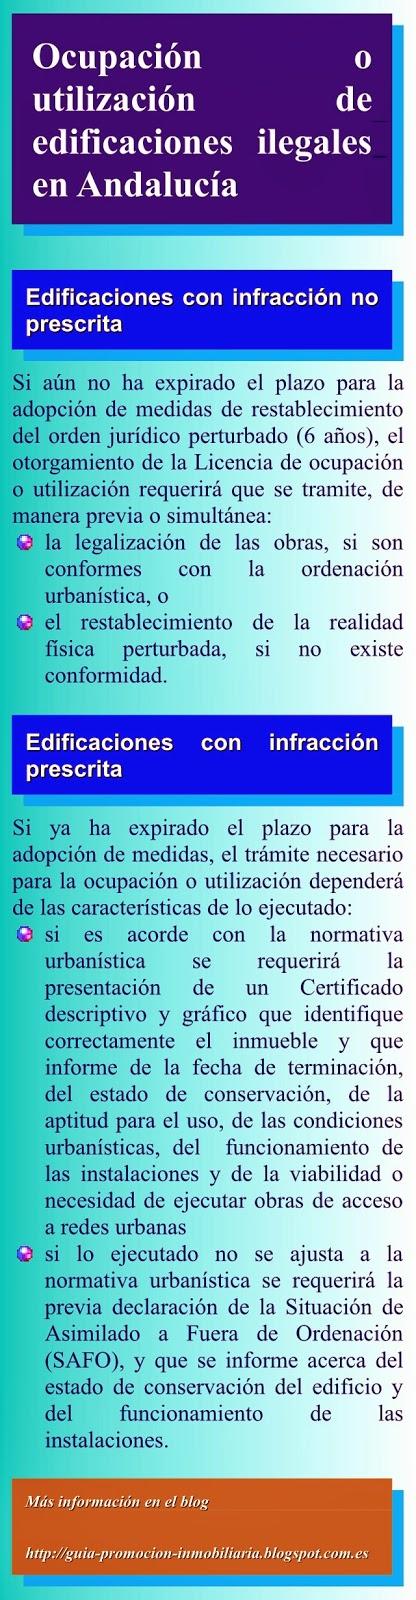 Ocupación de edificaciones ilegales en Andalucía